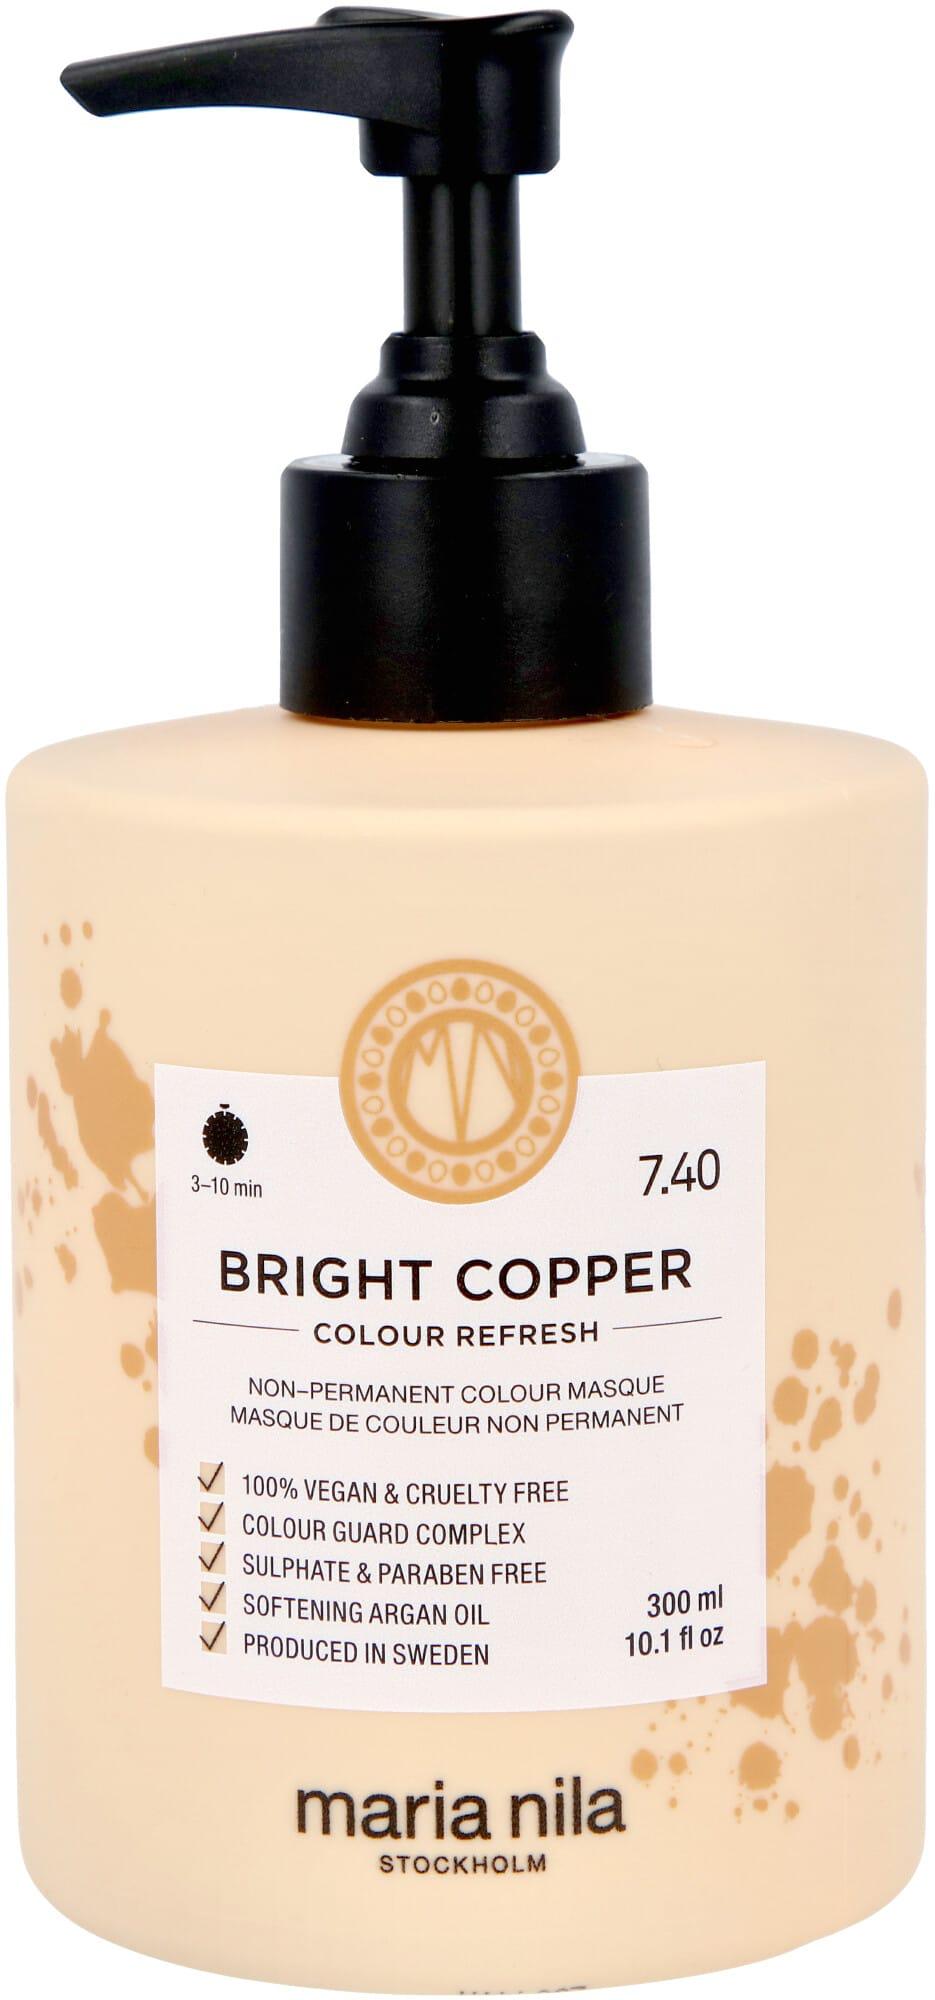 maria nila bright copper 300ml 1003 134 0300 1